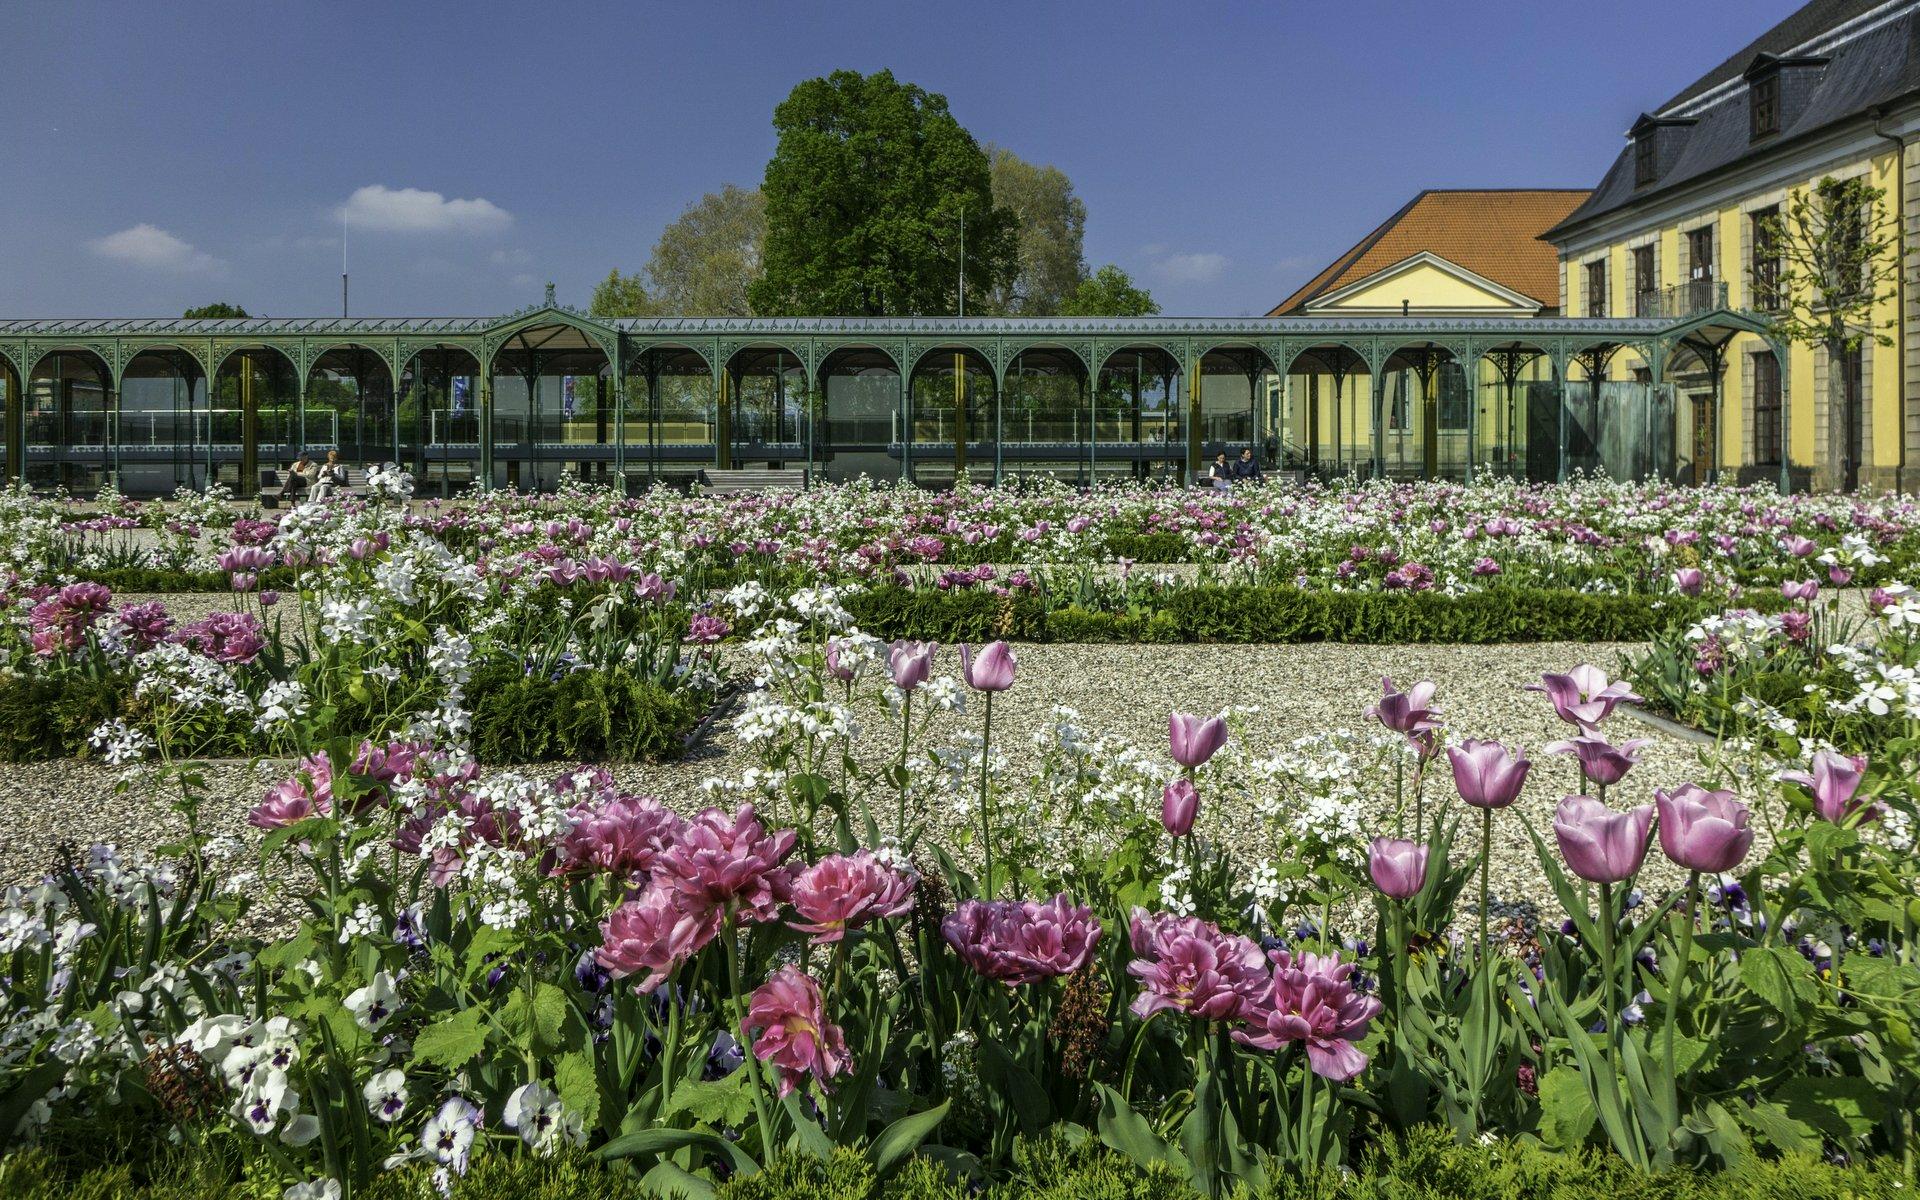 Blumengarten im Großen Garten